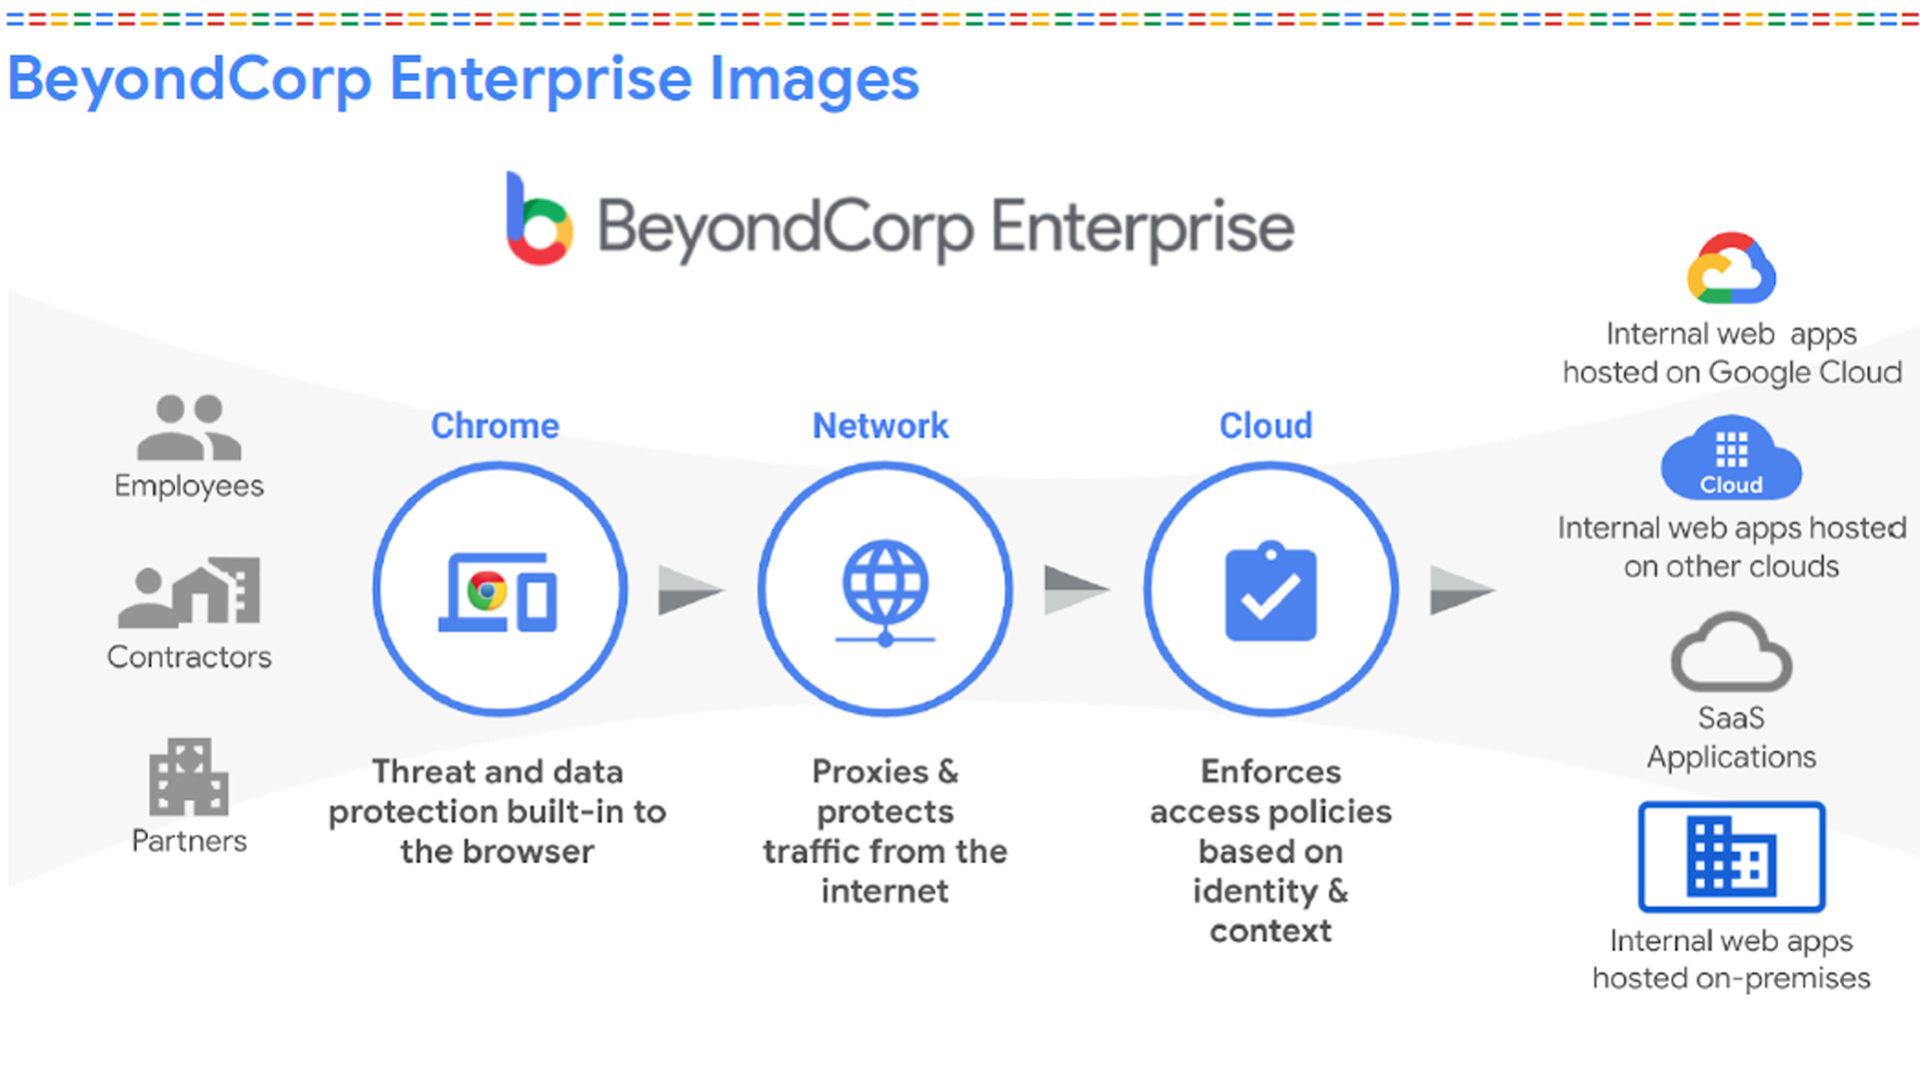 BeyondCorp Enterprise